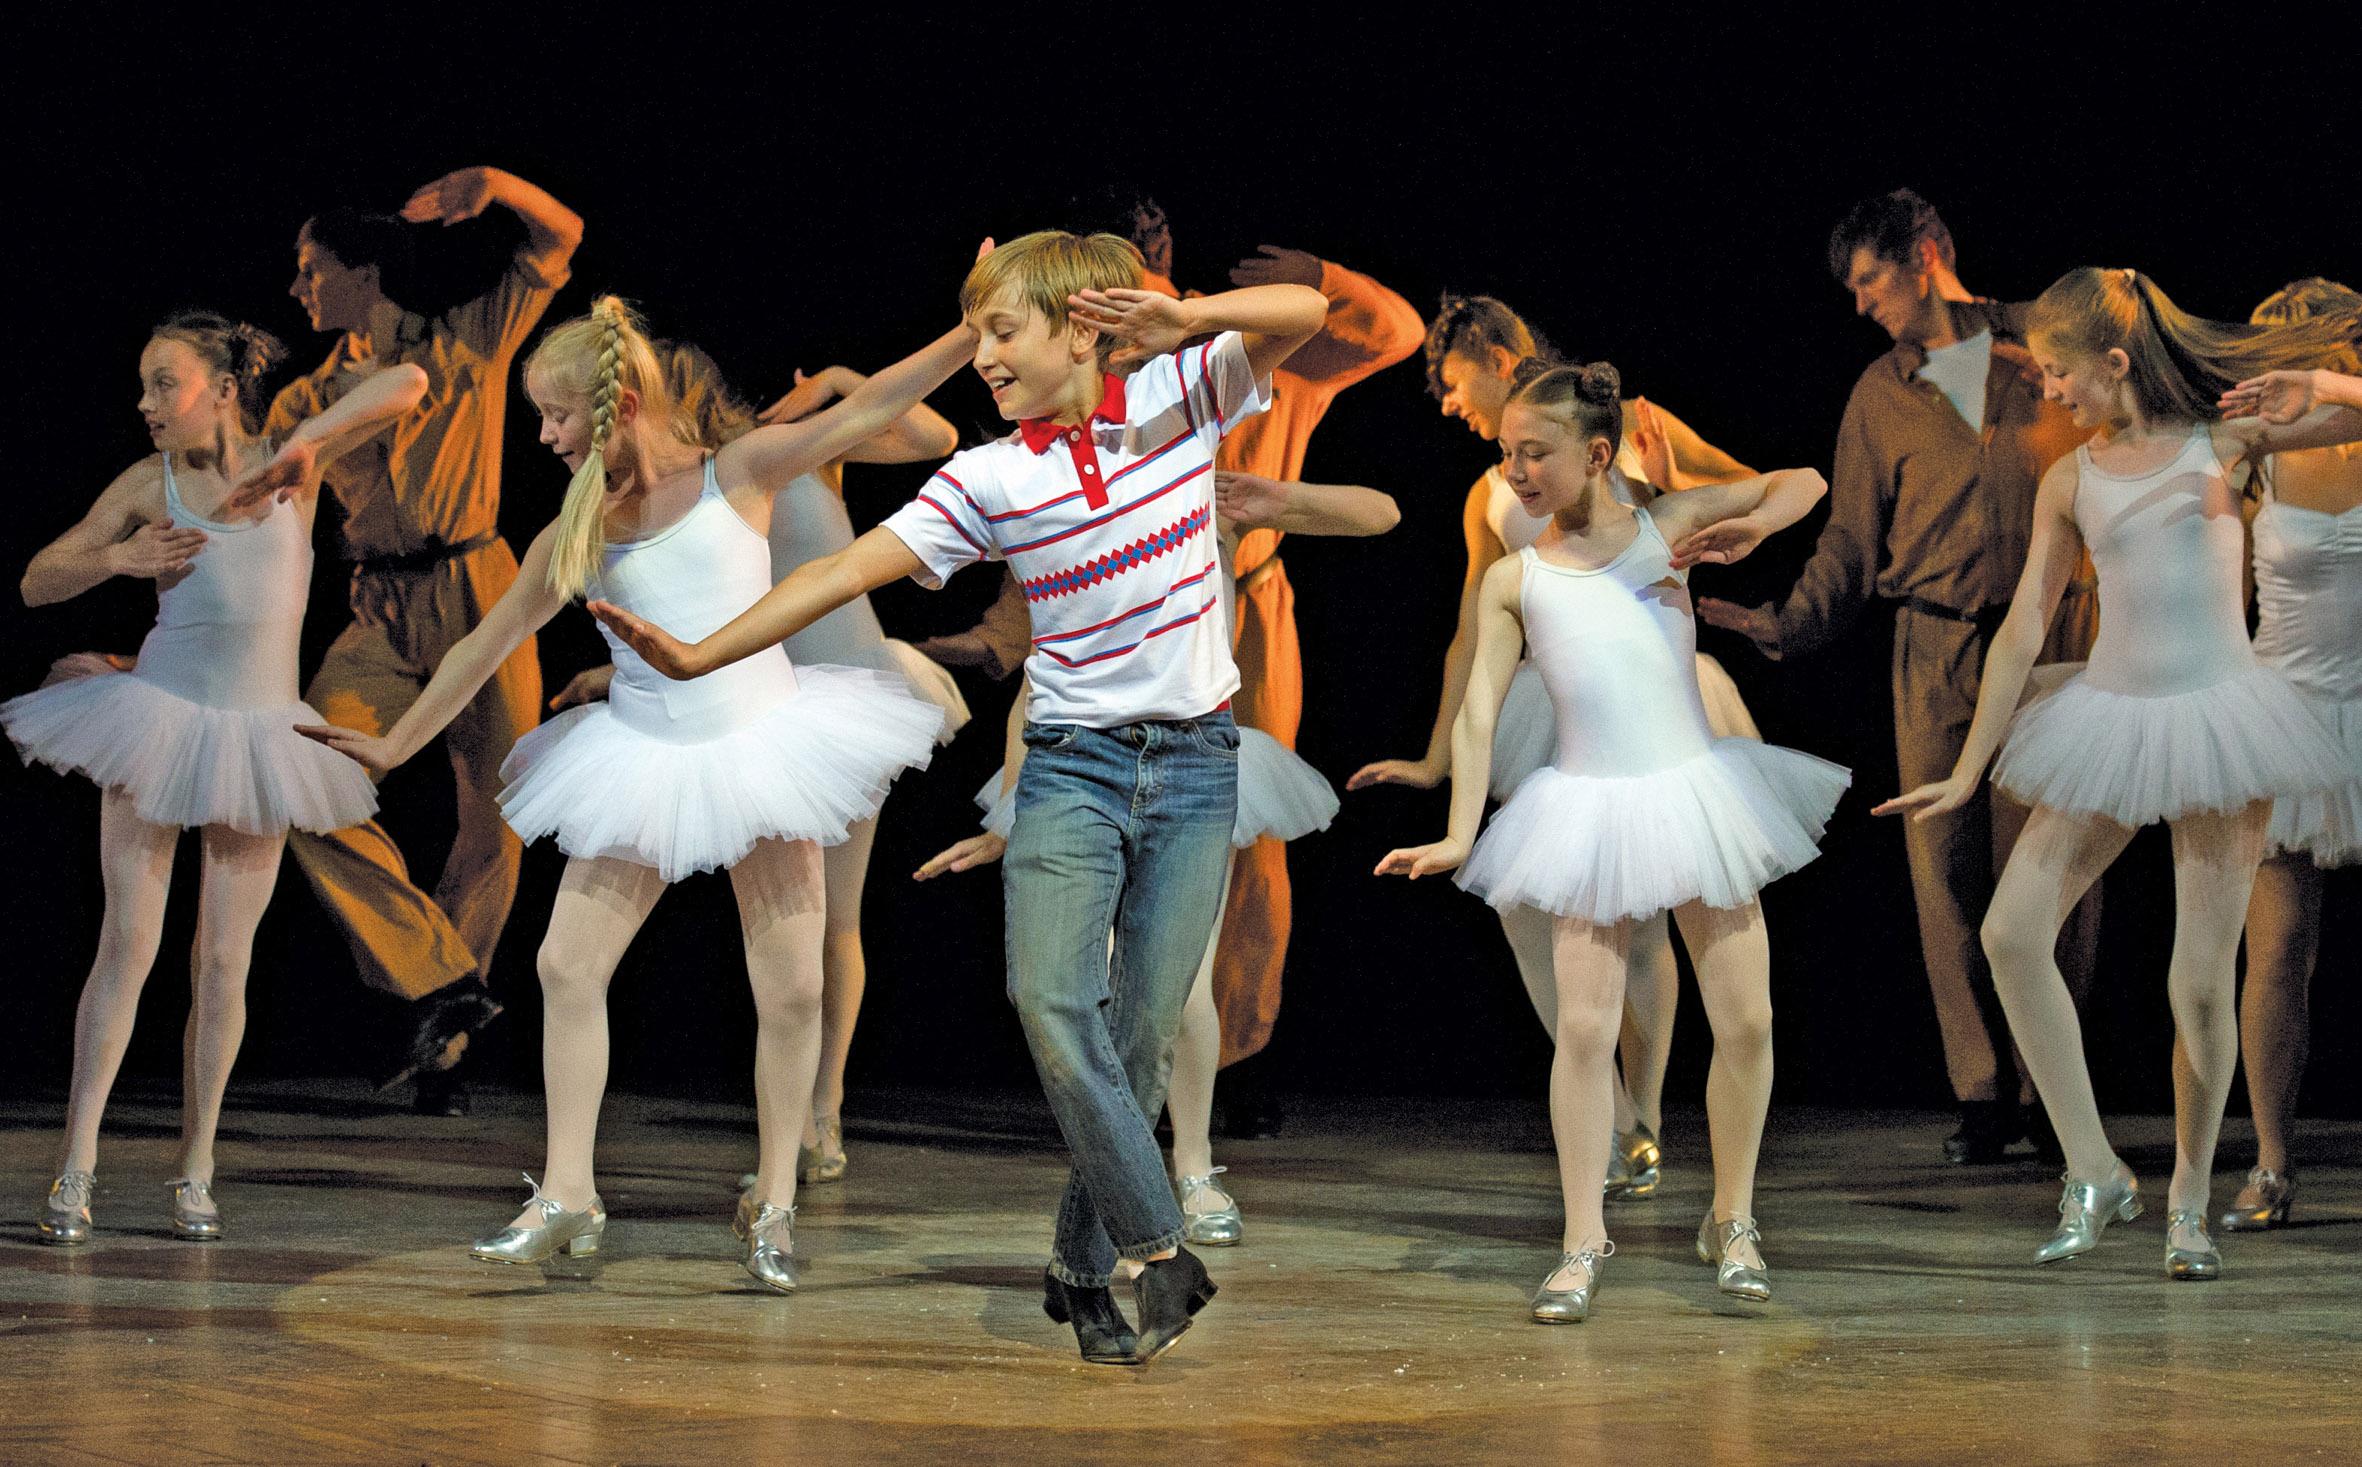 Billy Elliot - Il Musical: un'immagine dello spettacolo teatrale tratto dal film di Stephen Daldry